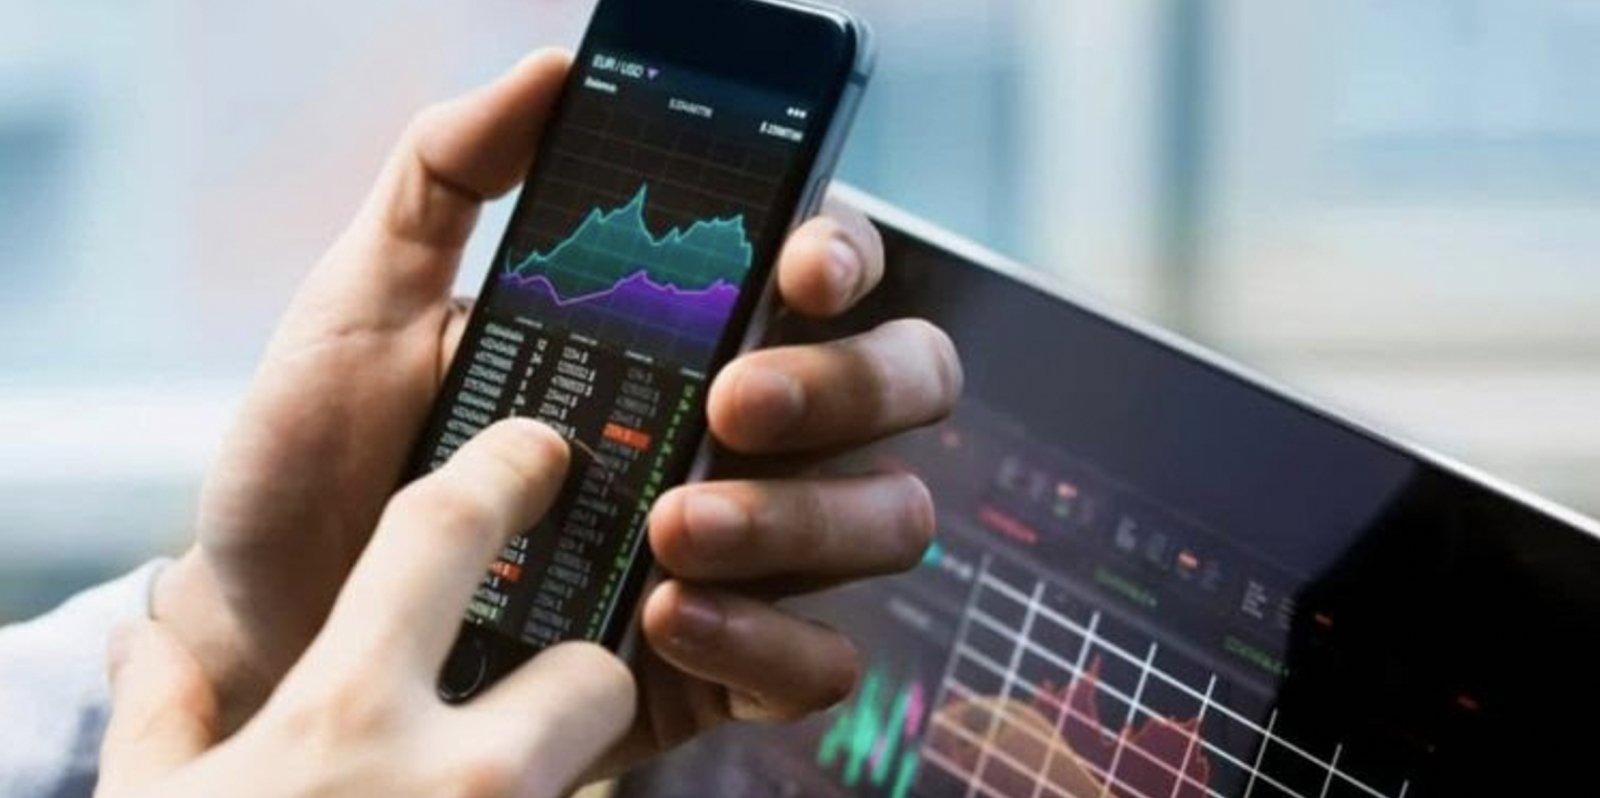 Ekspertas pateikė 5 patarimus, kaip sėkmingai prekiauti internete - DELFI Verslas